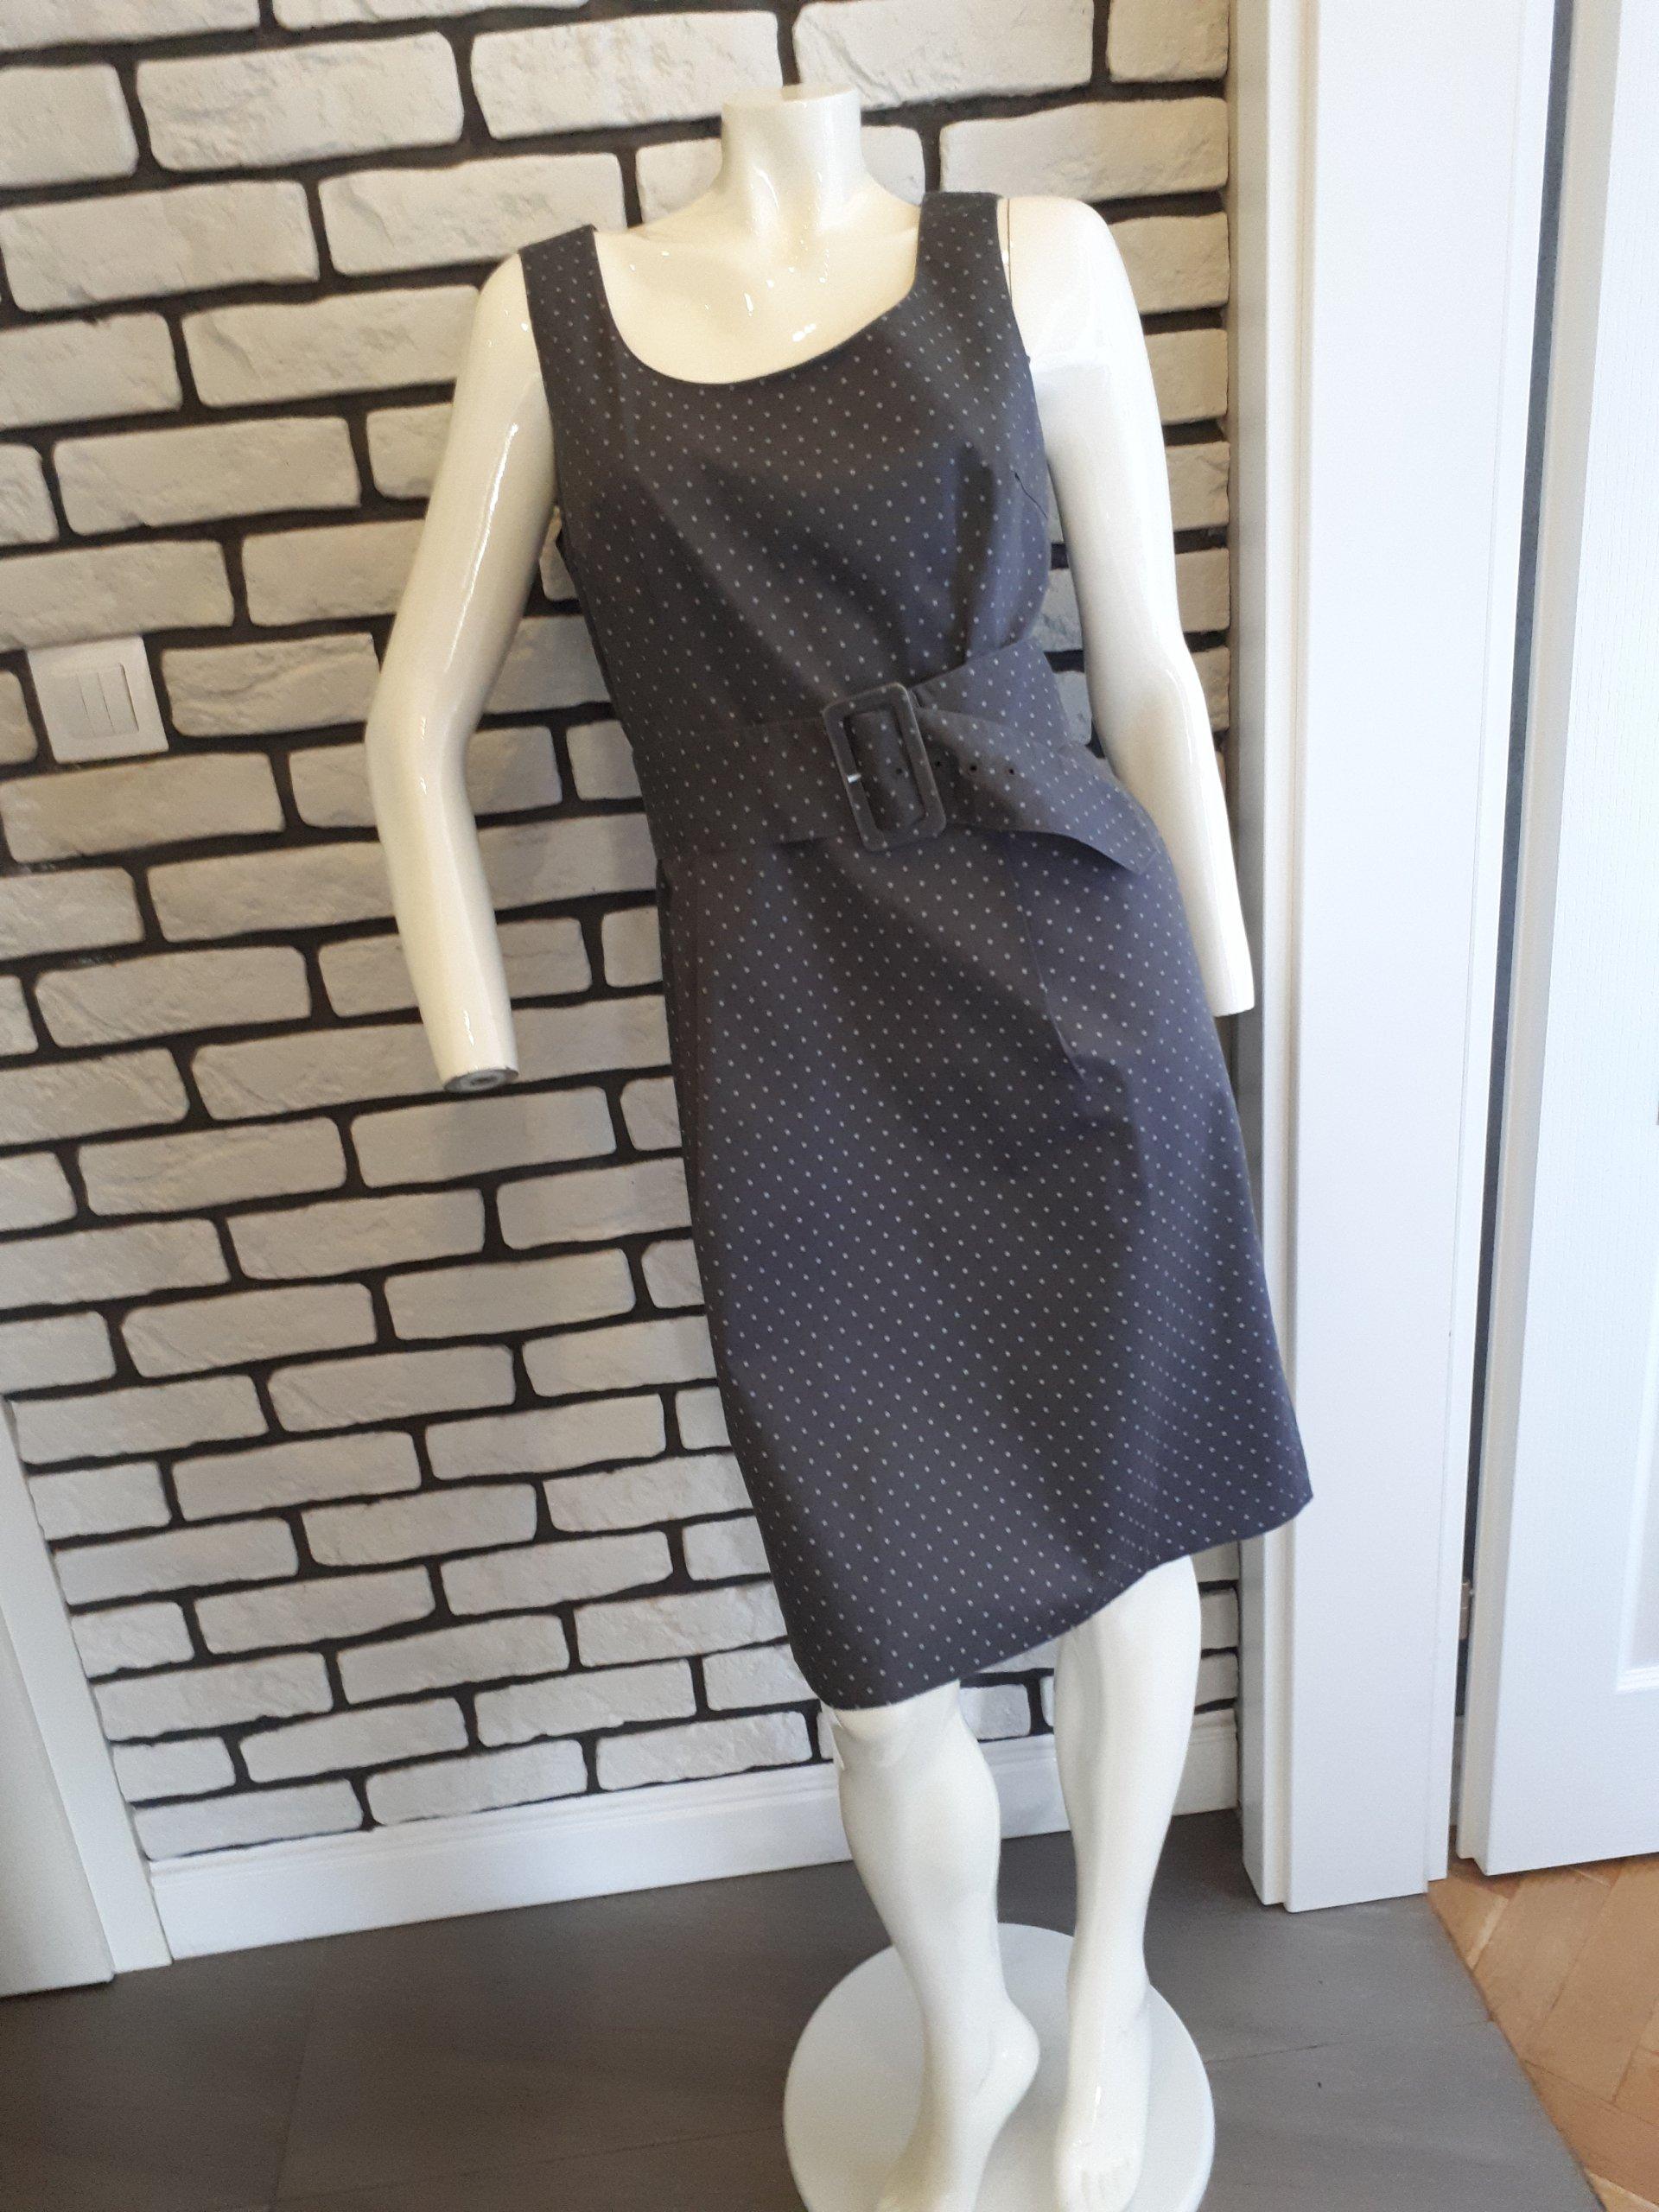 c1412de752 H M - szara sukienka rozmiar 42 - 7326691125 - oficjalne archiwum ...